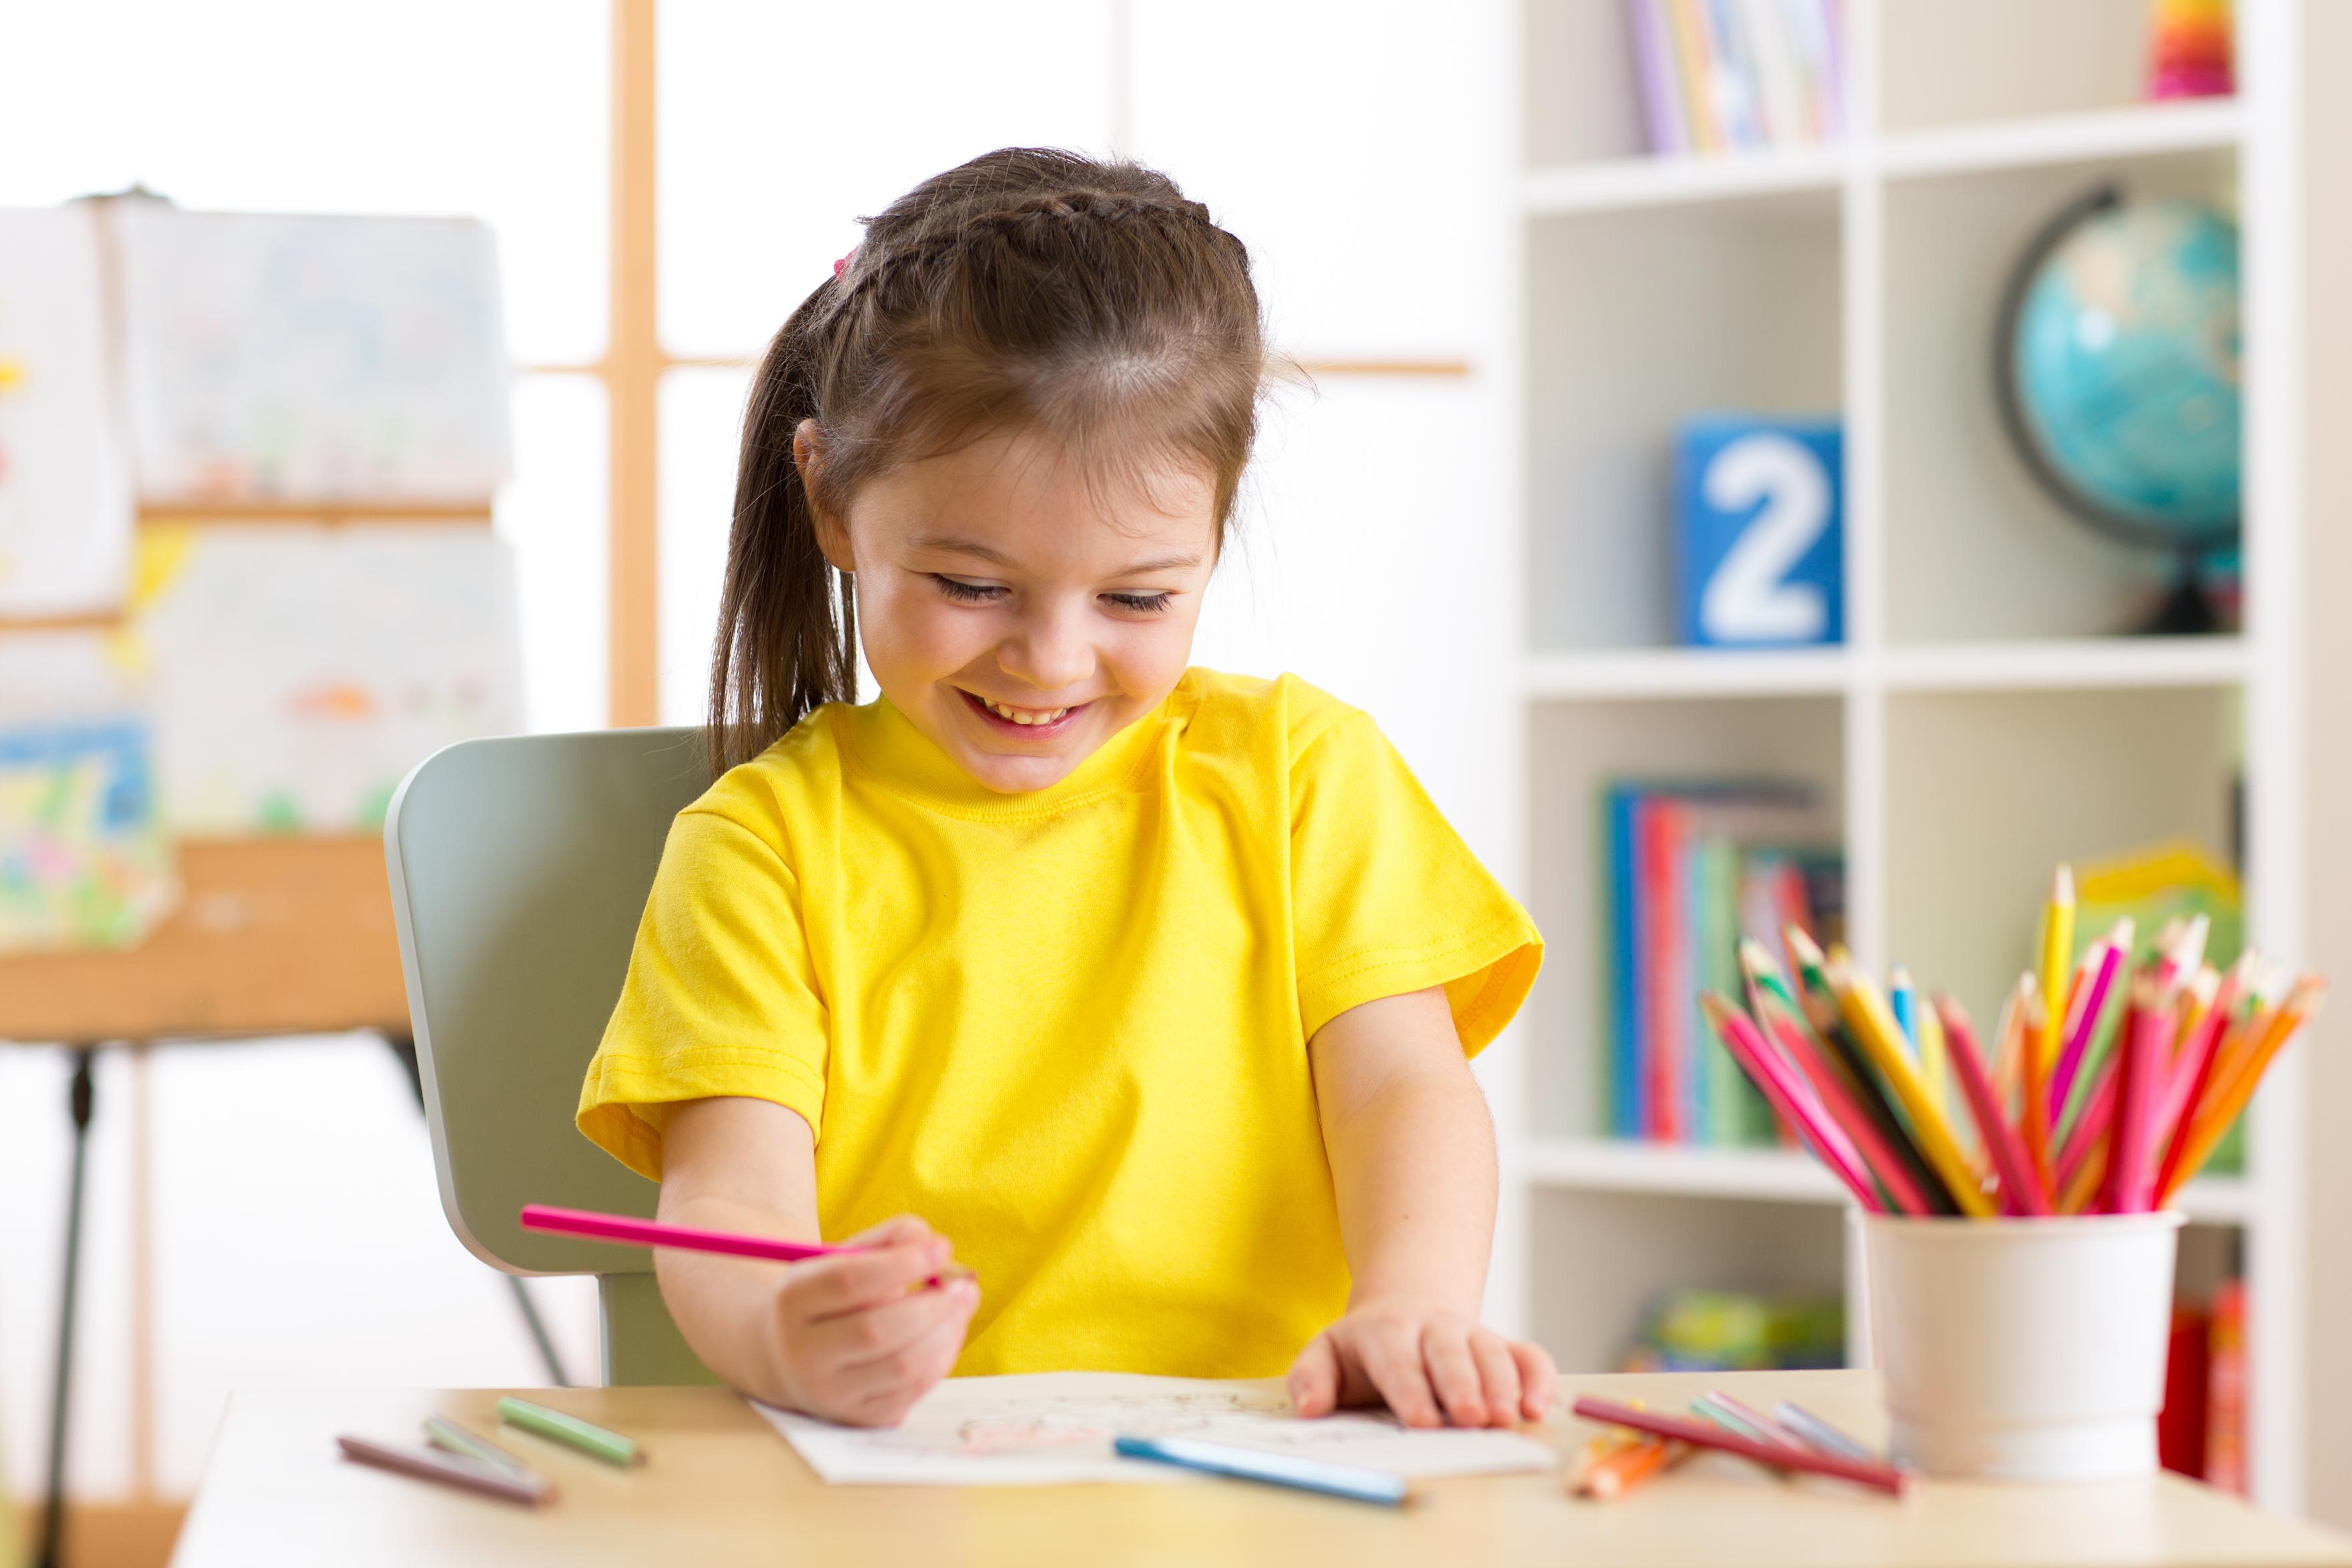 Бесплатный доступ к материалам для занятий дома